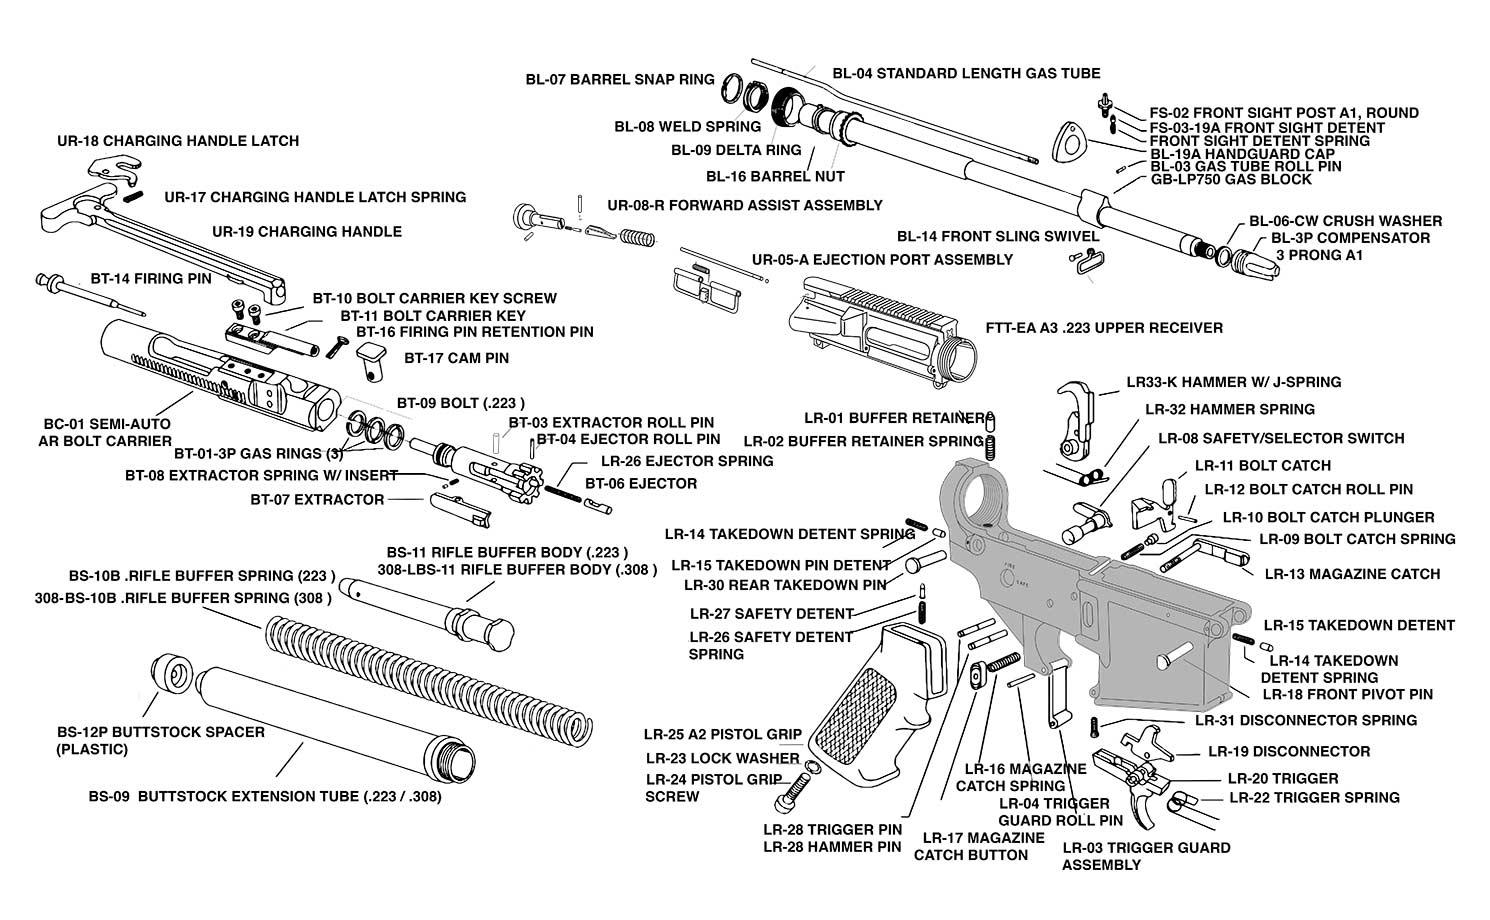 Schematics | Luth-AR on m16 schematic diagram, ar-15 schematic diagram, ak-47 schematic diagram,